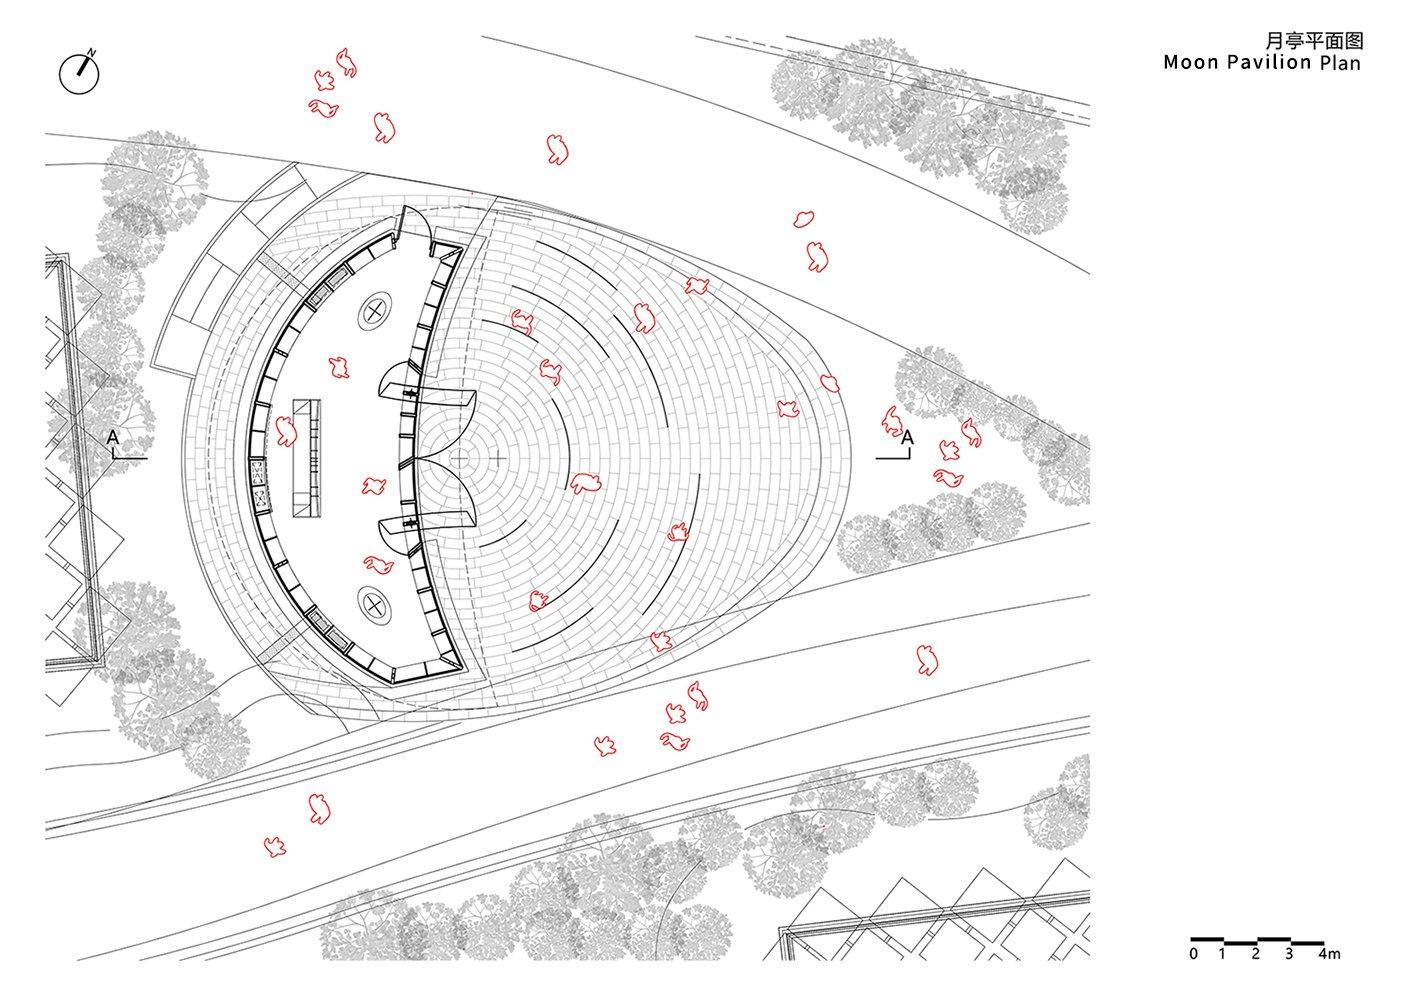 Moon Pavilion Plan Archi-Union & Fab-Union}